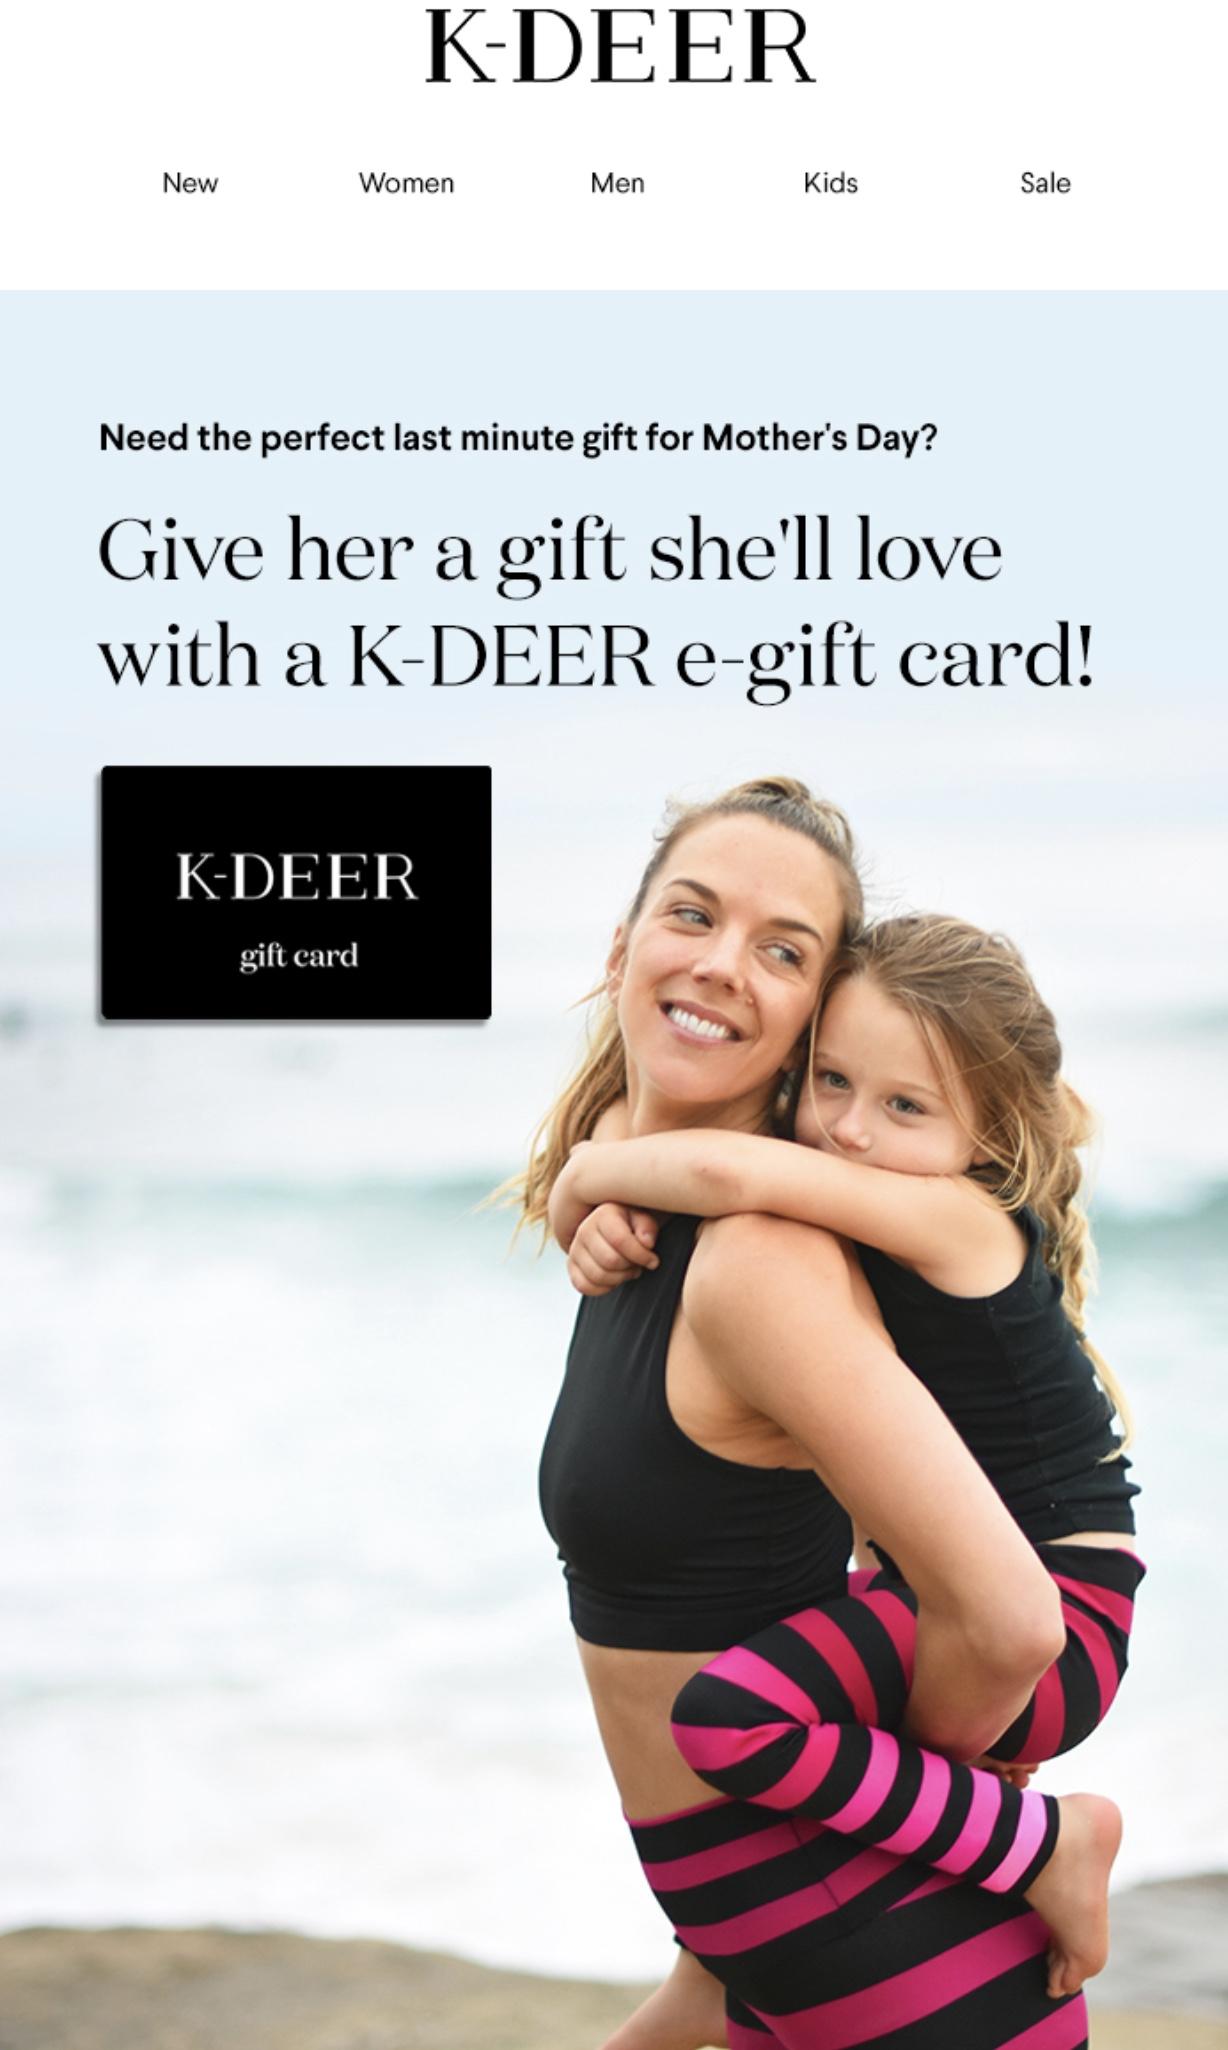 K-Deer Leggings - Mother's Day photoshoot for K-Deer